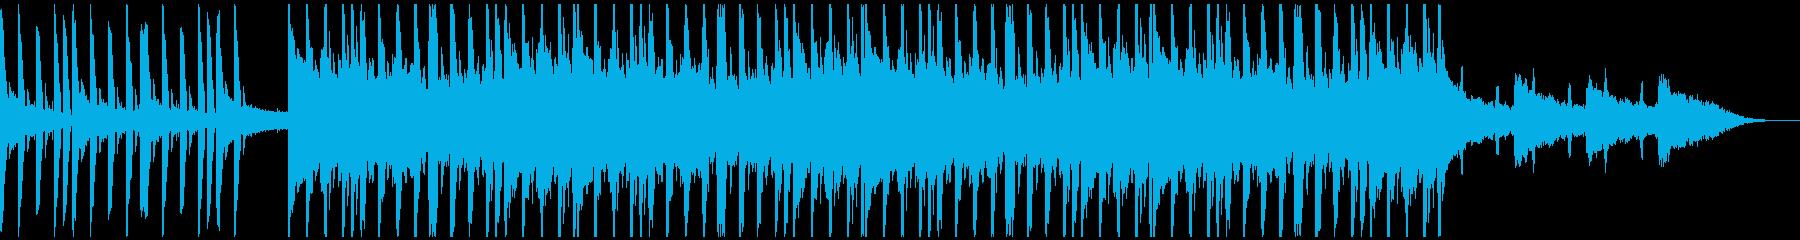 クラップの音が気持ち良い爽快なハウスの再生済みの波形